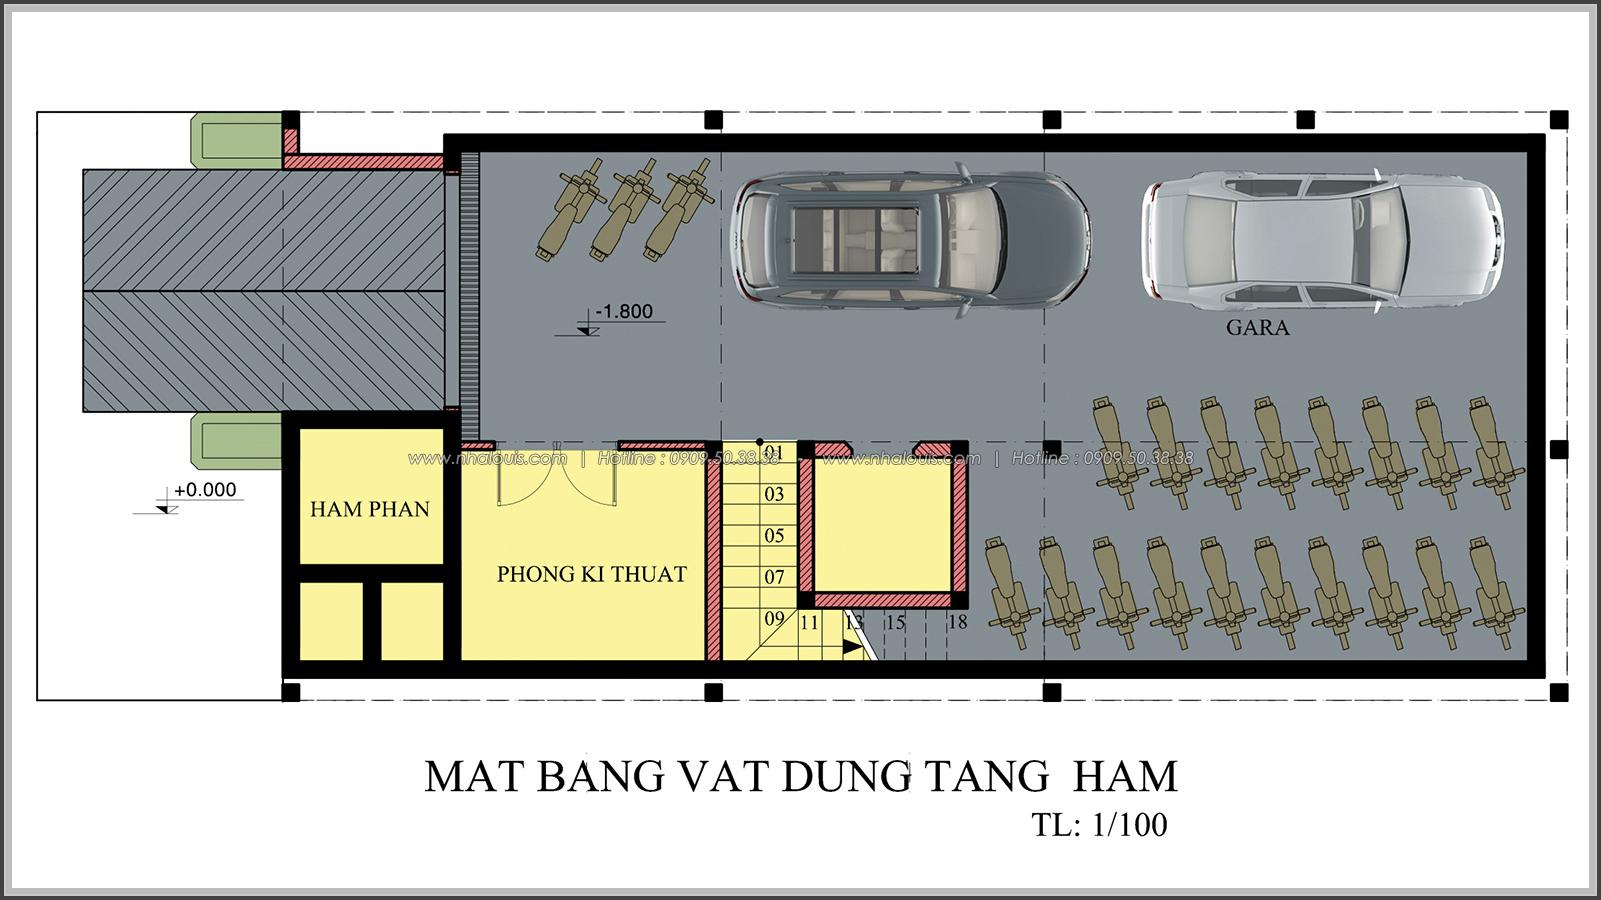 Đẳng cấp thiết kế penthouse với nội thất cực chất anh Kim quận Tân Bình - 3